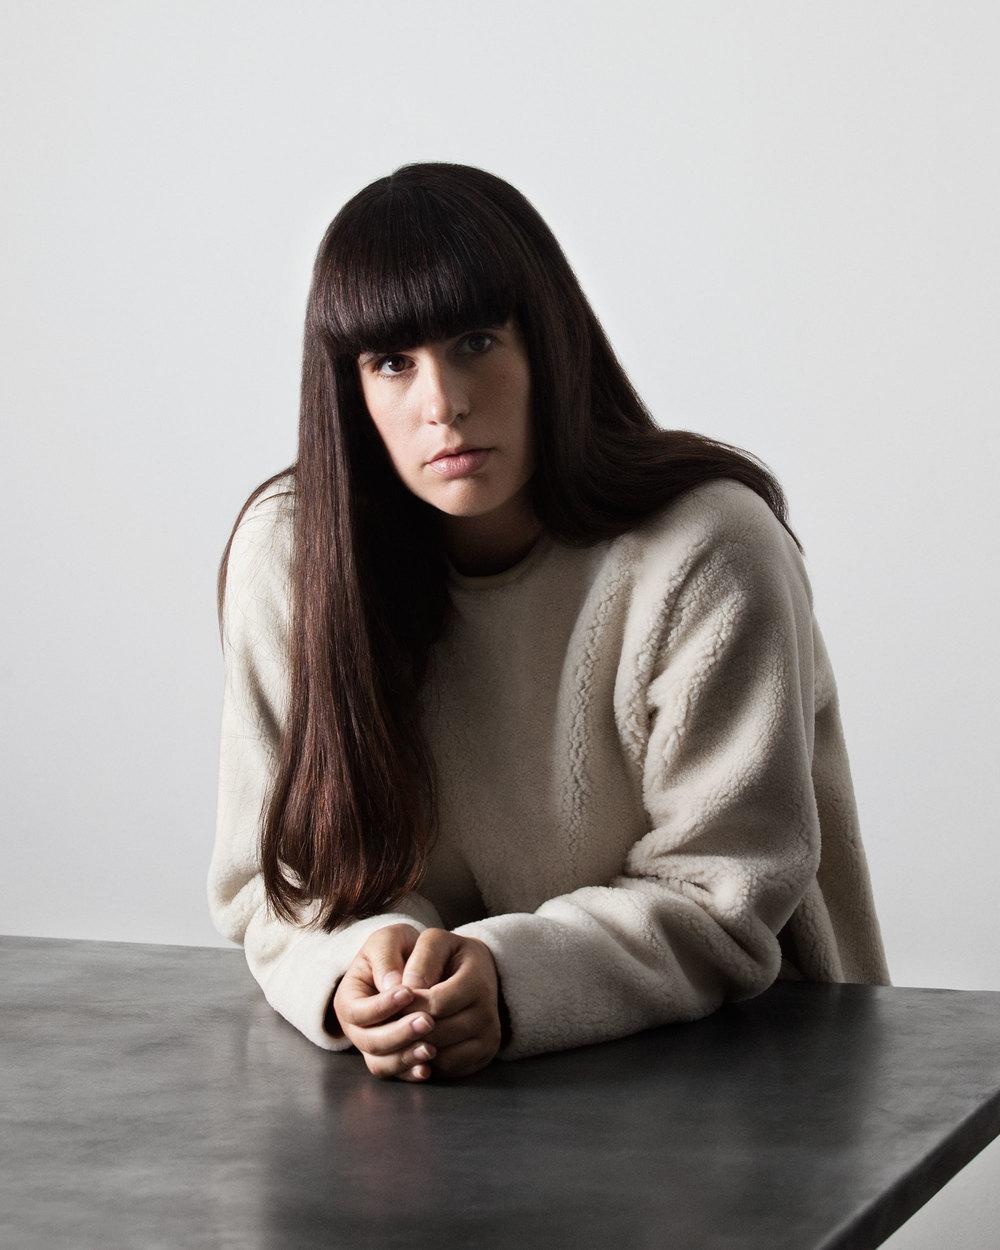 Paula Gerbase